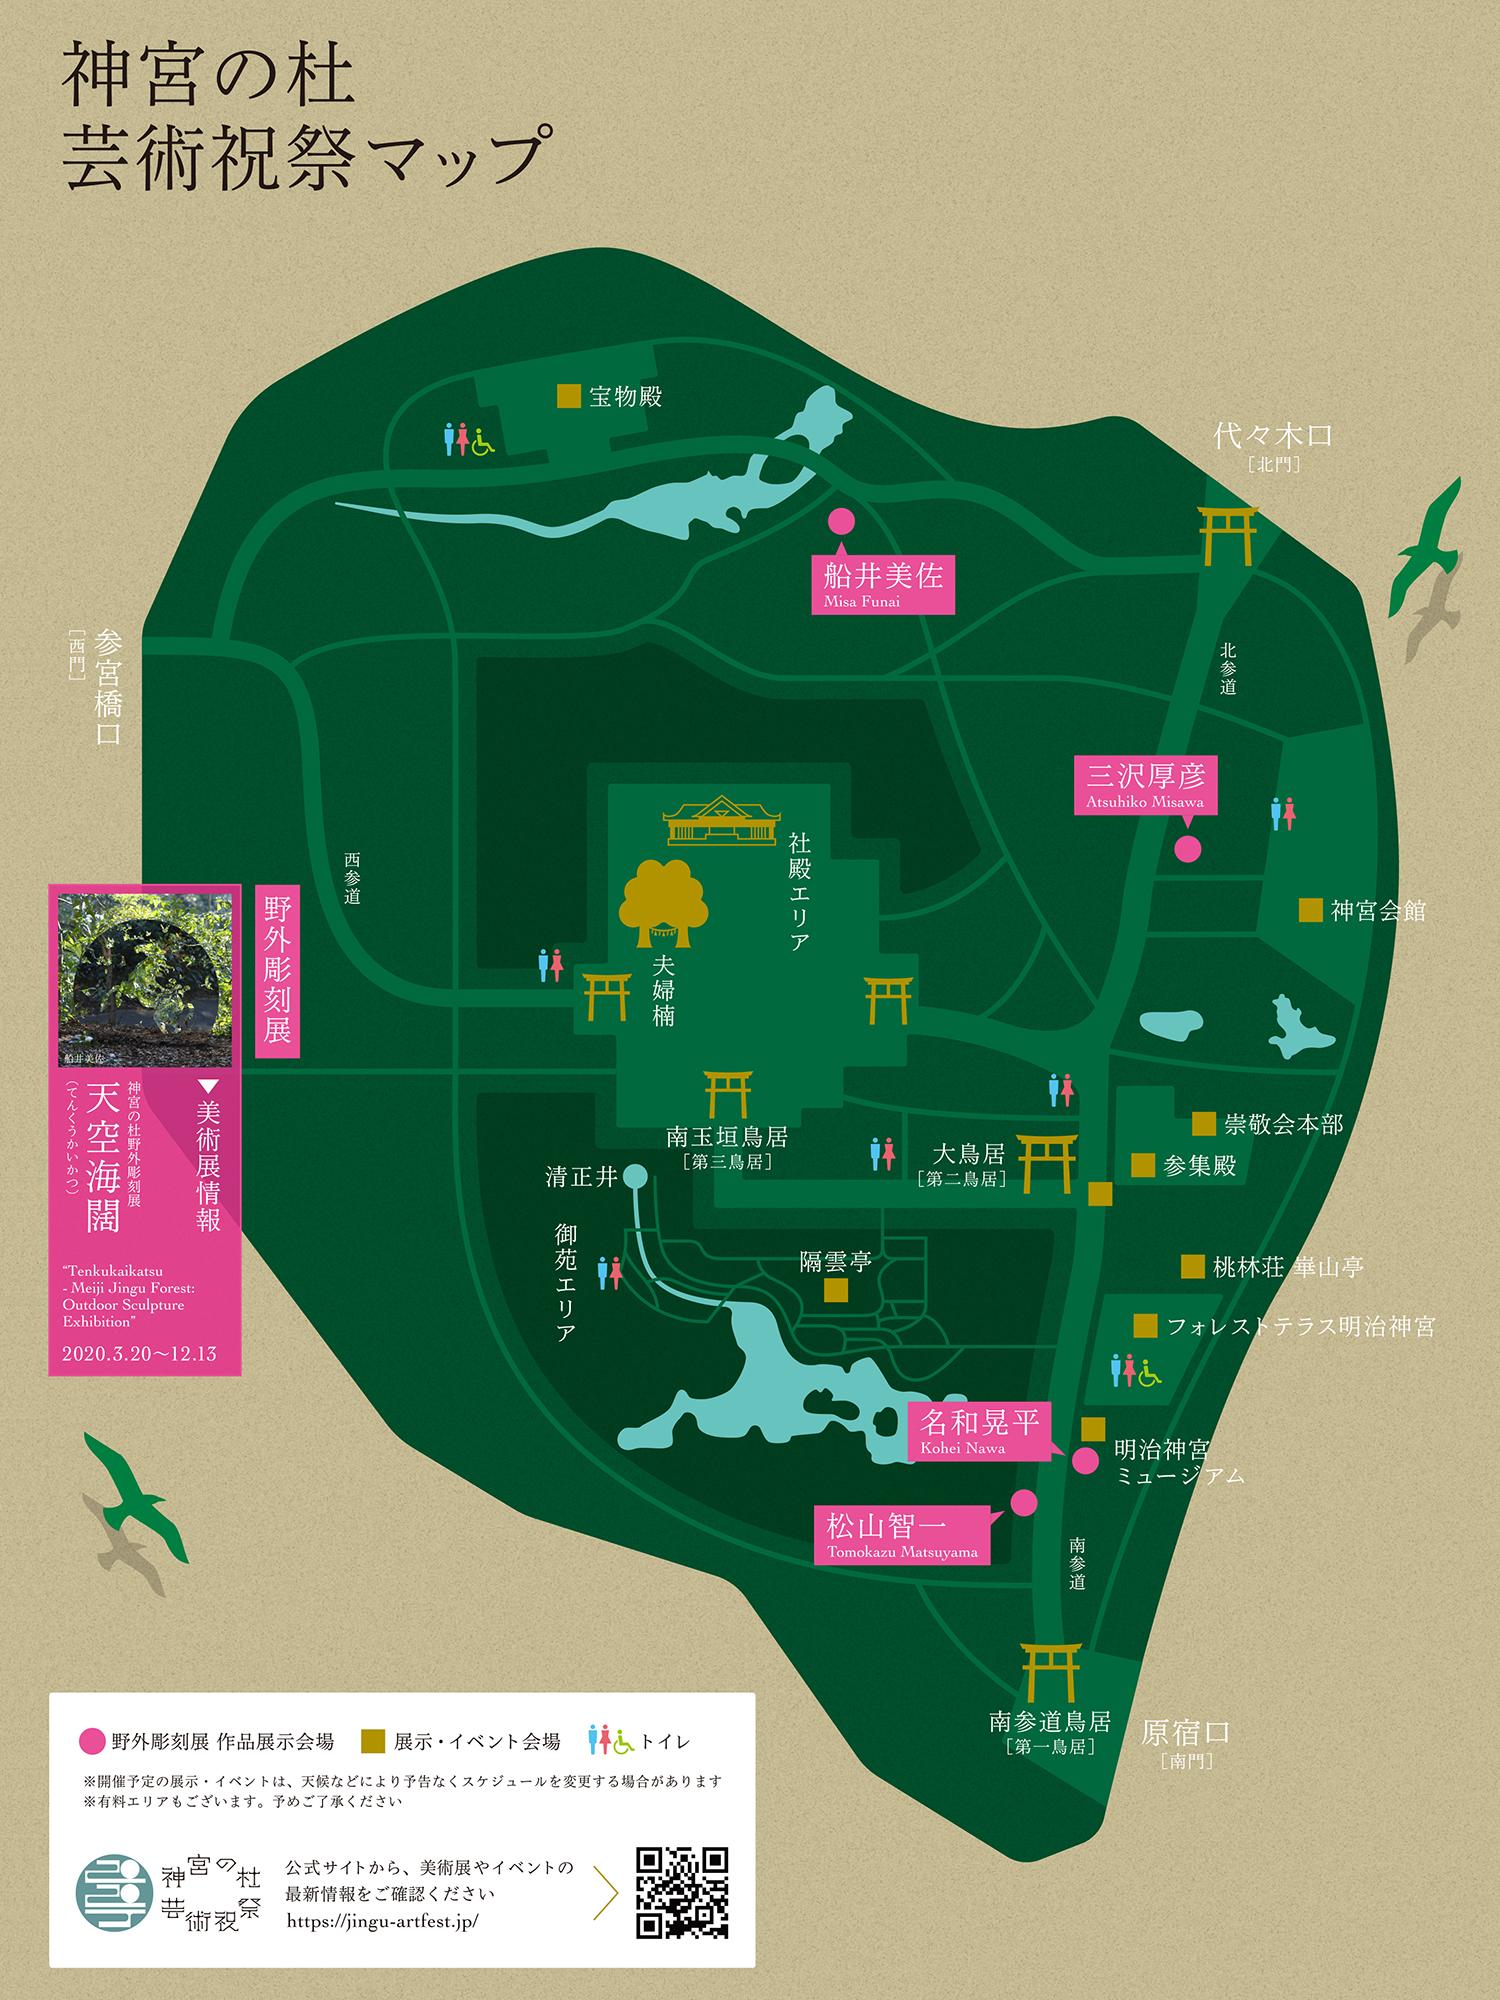 神宮の杜芸術祝祭マップ(天空海闊)